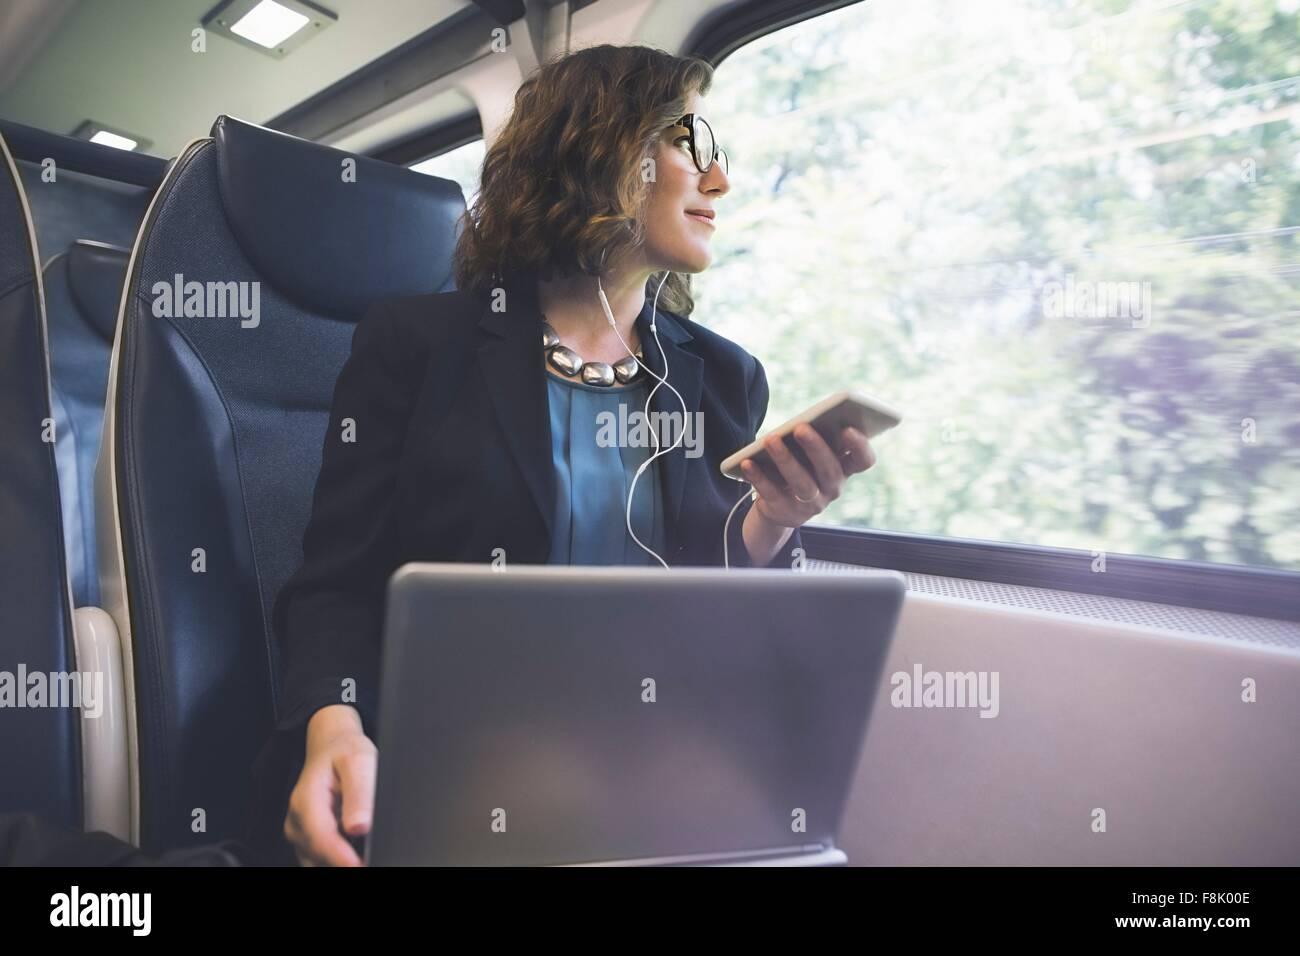 Mitte Erwachsene Frau auf Zug, Holding Smartphone, Laptop vor ihr Stockfoto